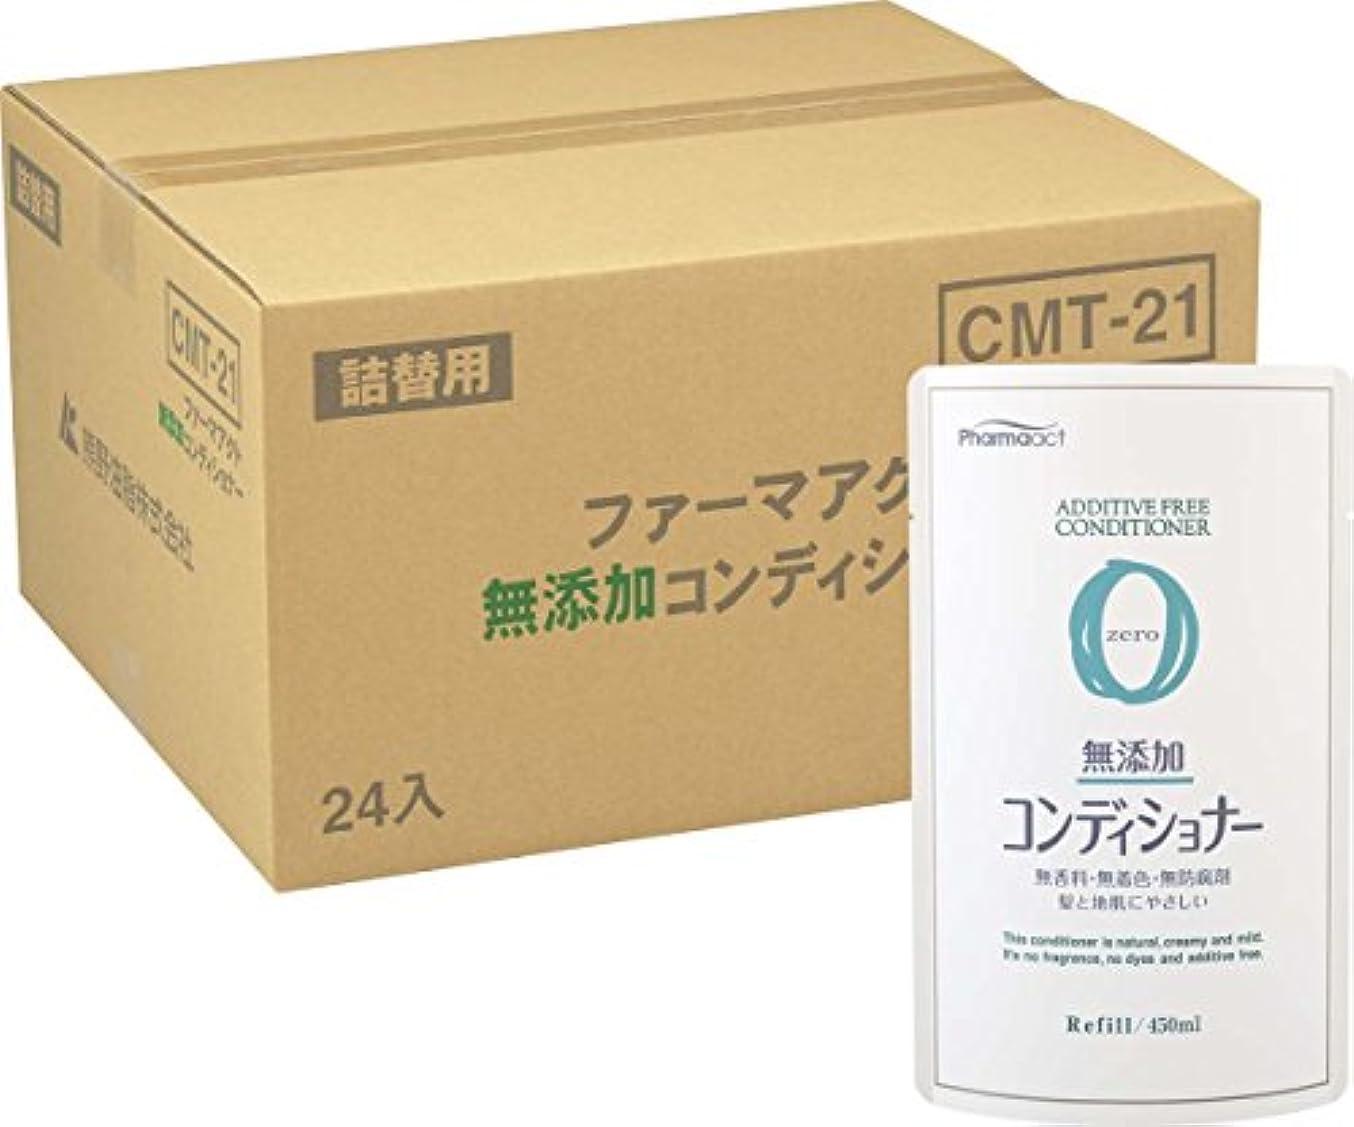 盟主覆すローブ【ケース販売】ファーマアクト 無添加コンディショナー詰替用 450ml×24個入